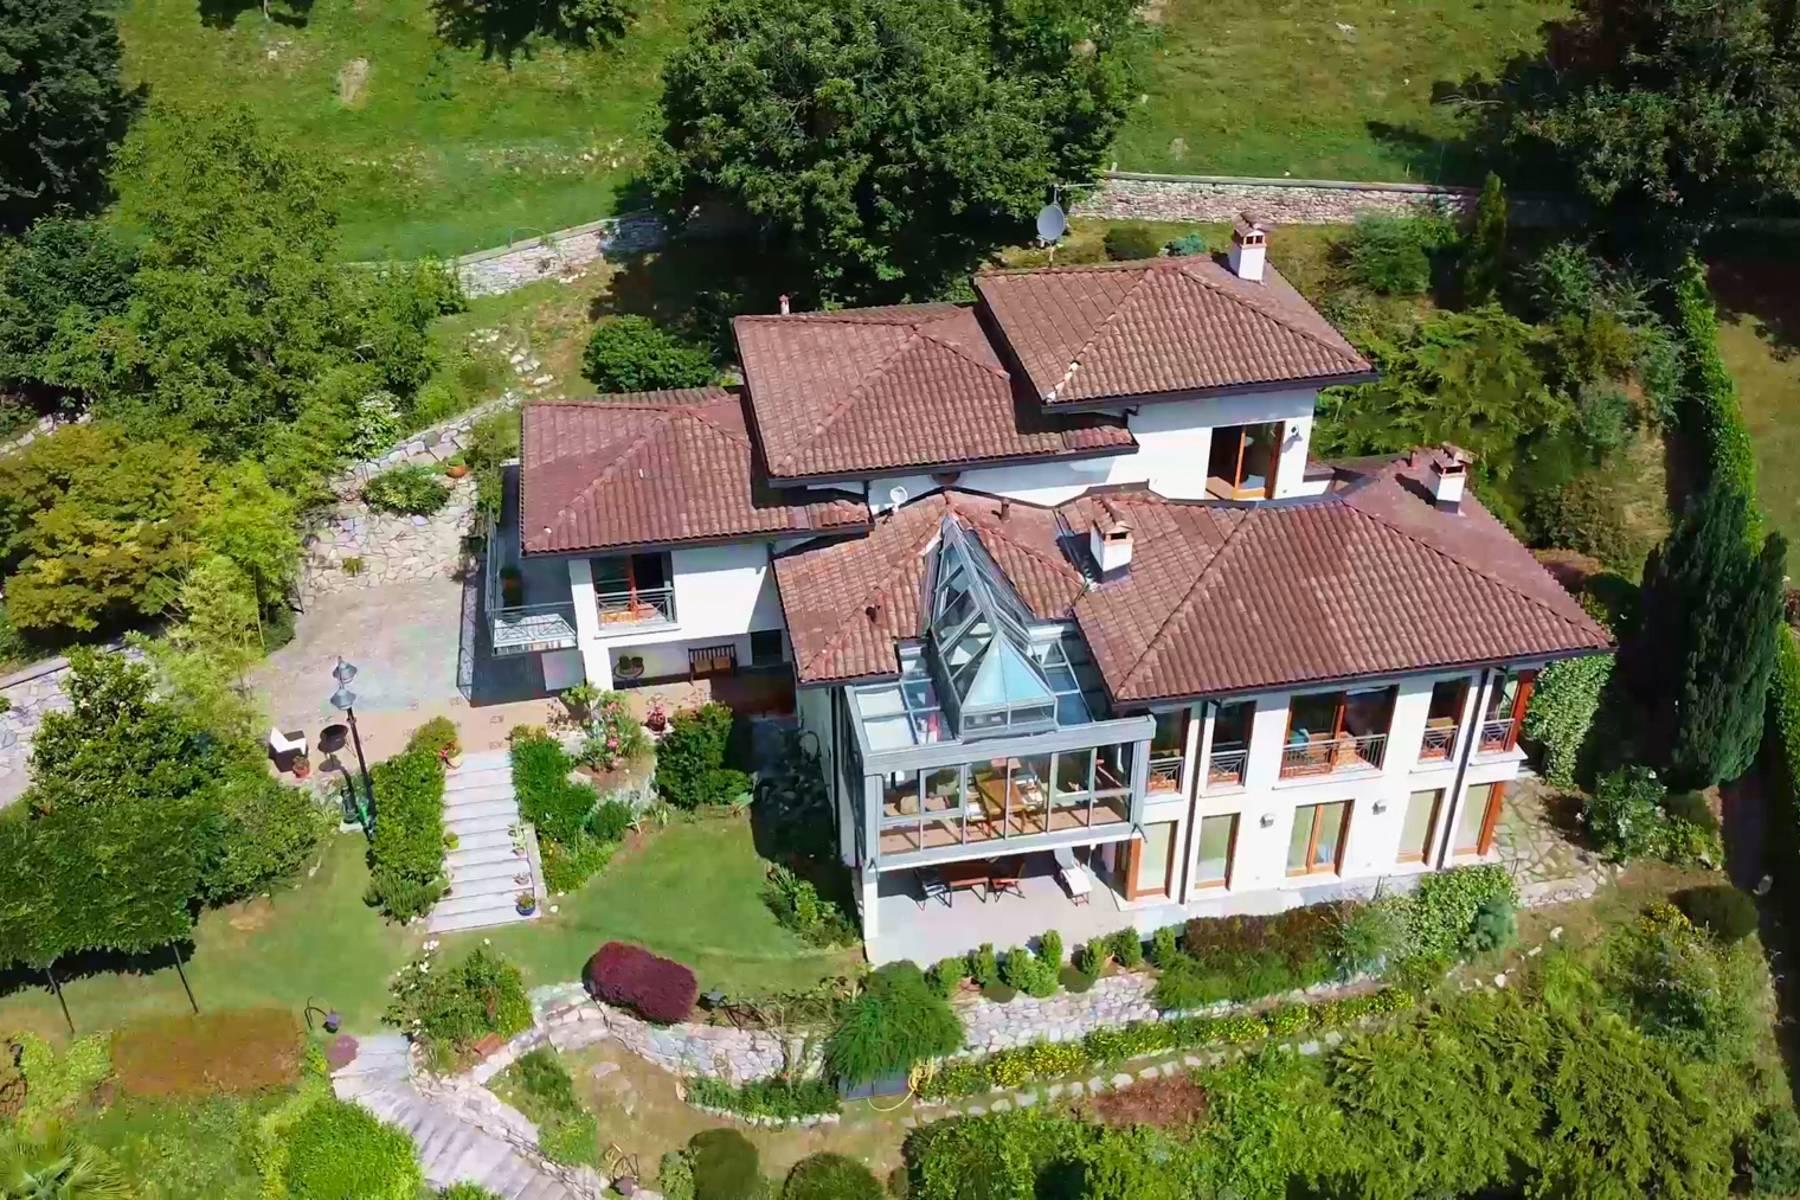 Villa in Vendita a Cerano D'Intelvi: 5 locali, 400 mq - Foto 1